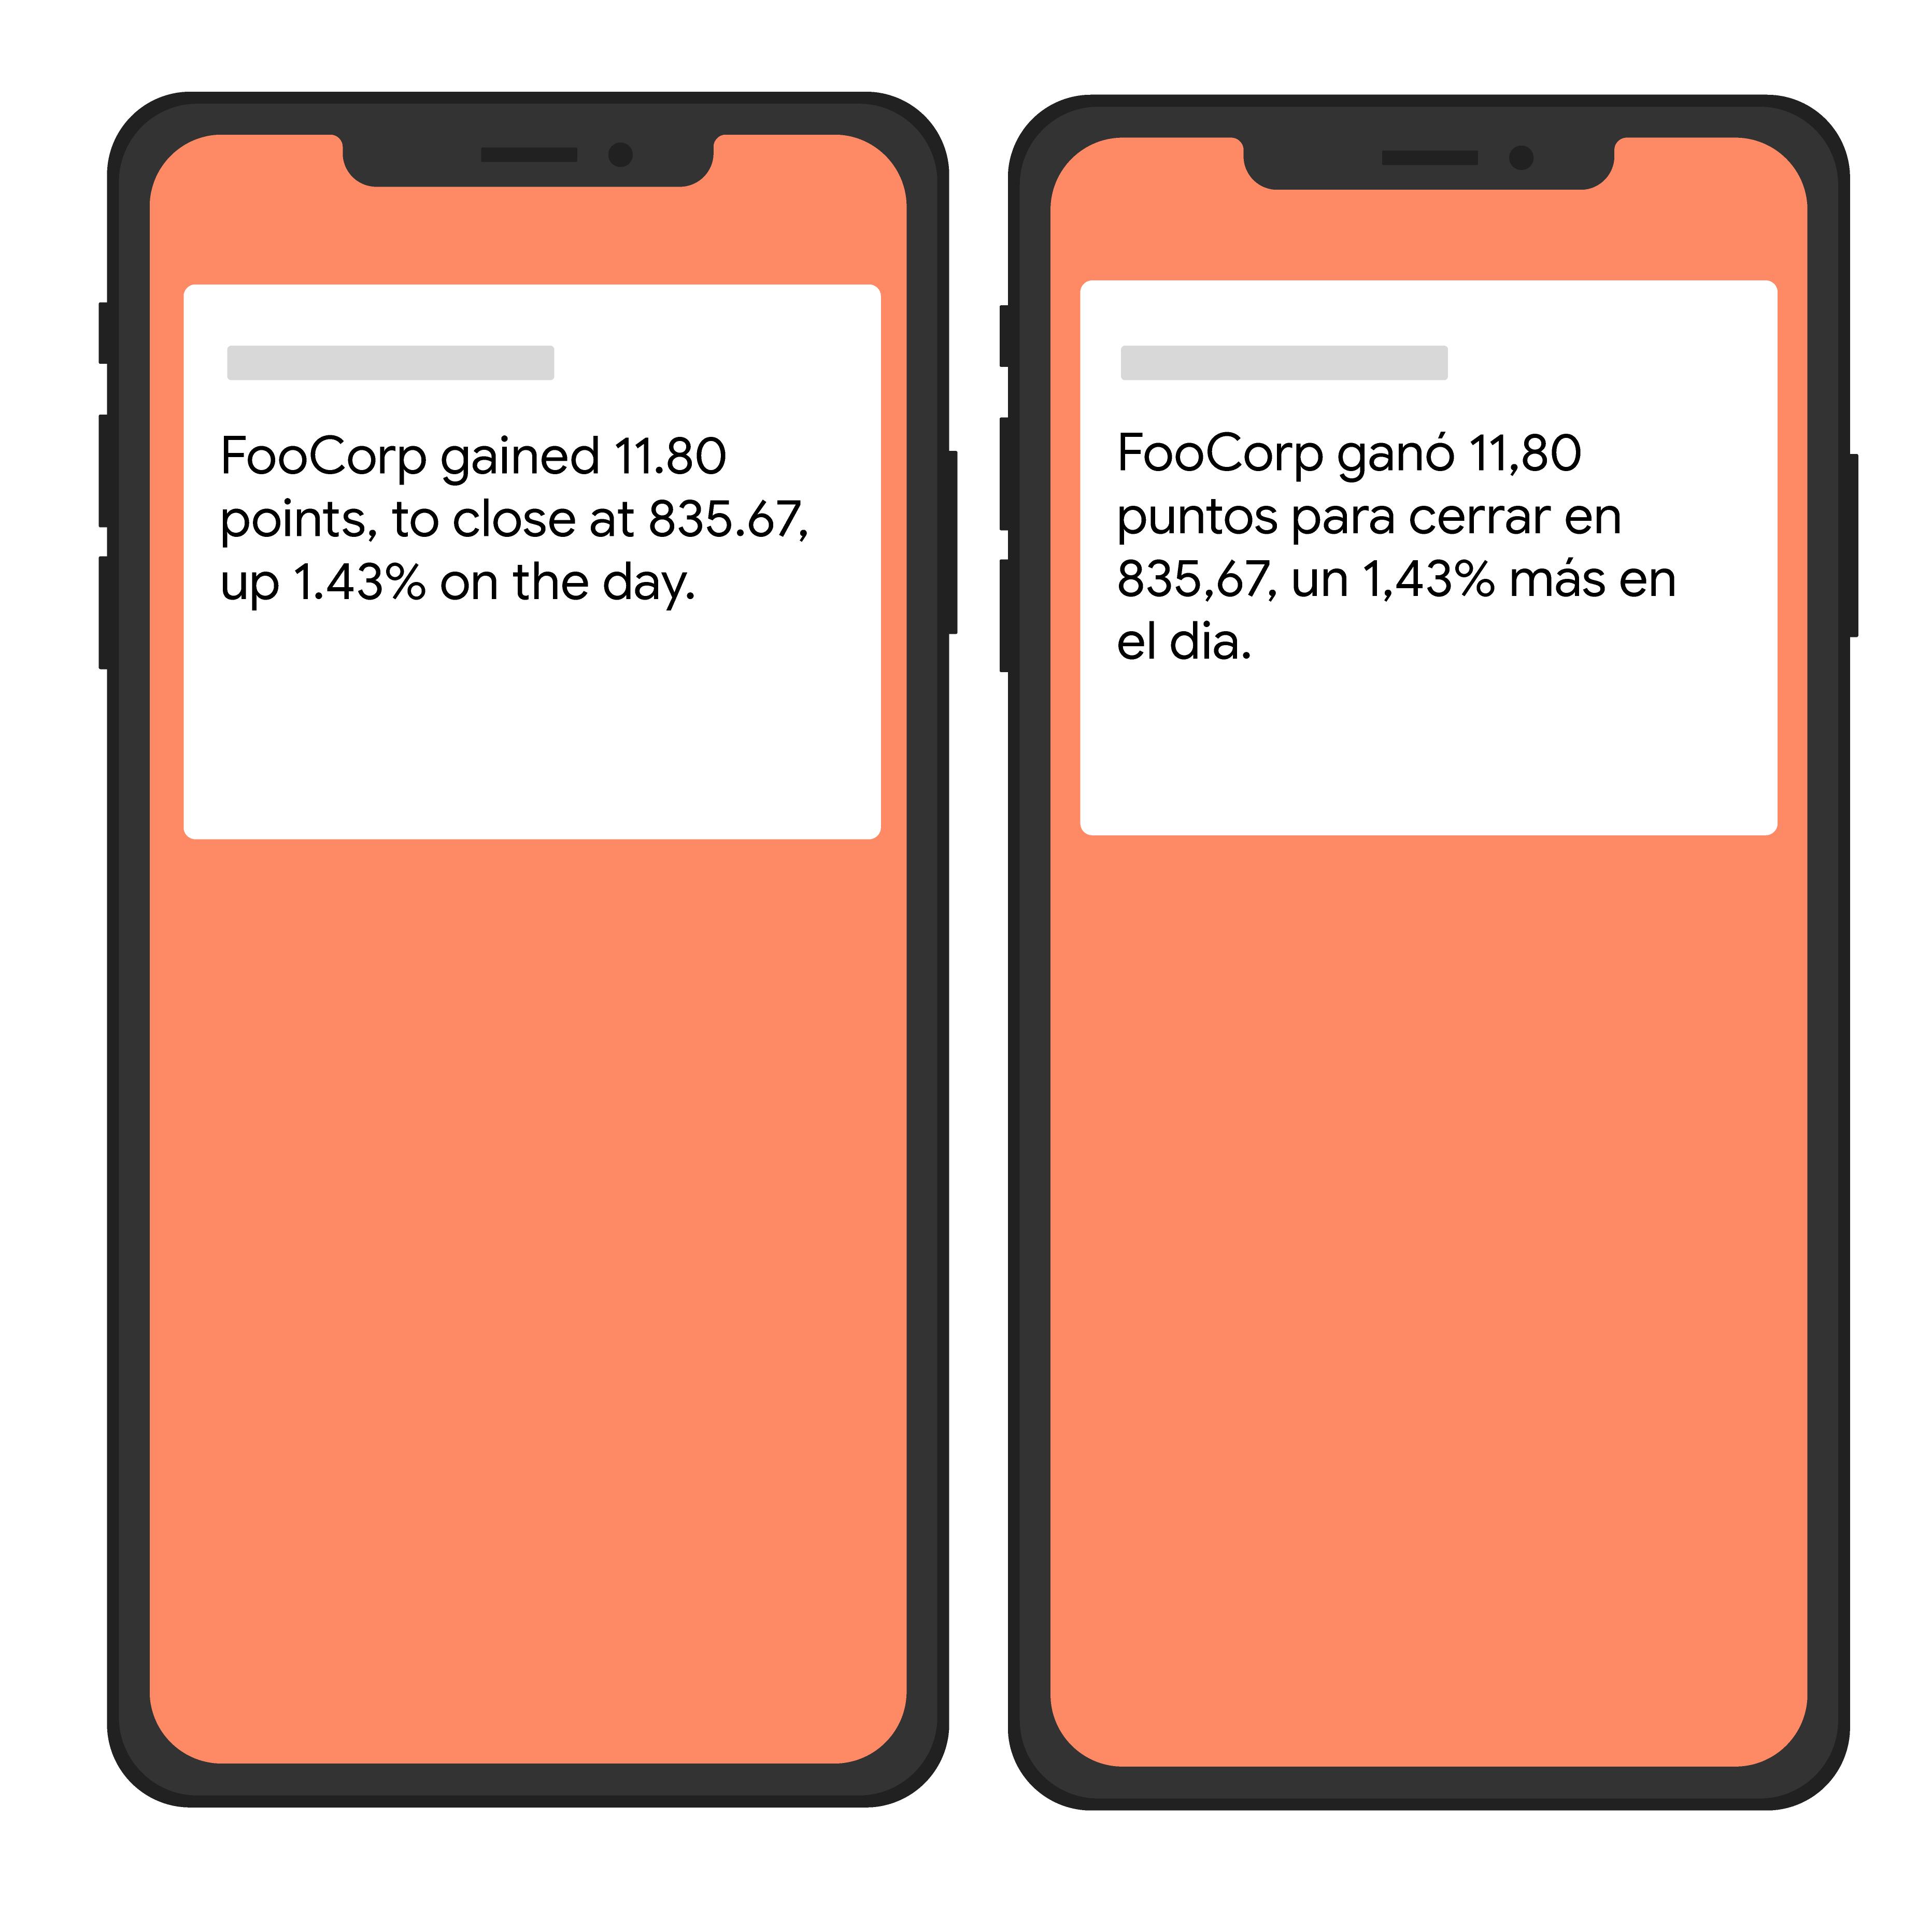 Dessin simple de deux appareils affichant du texte en anglais et en espagnol